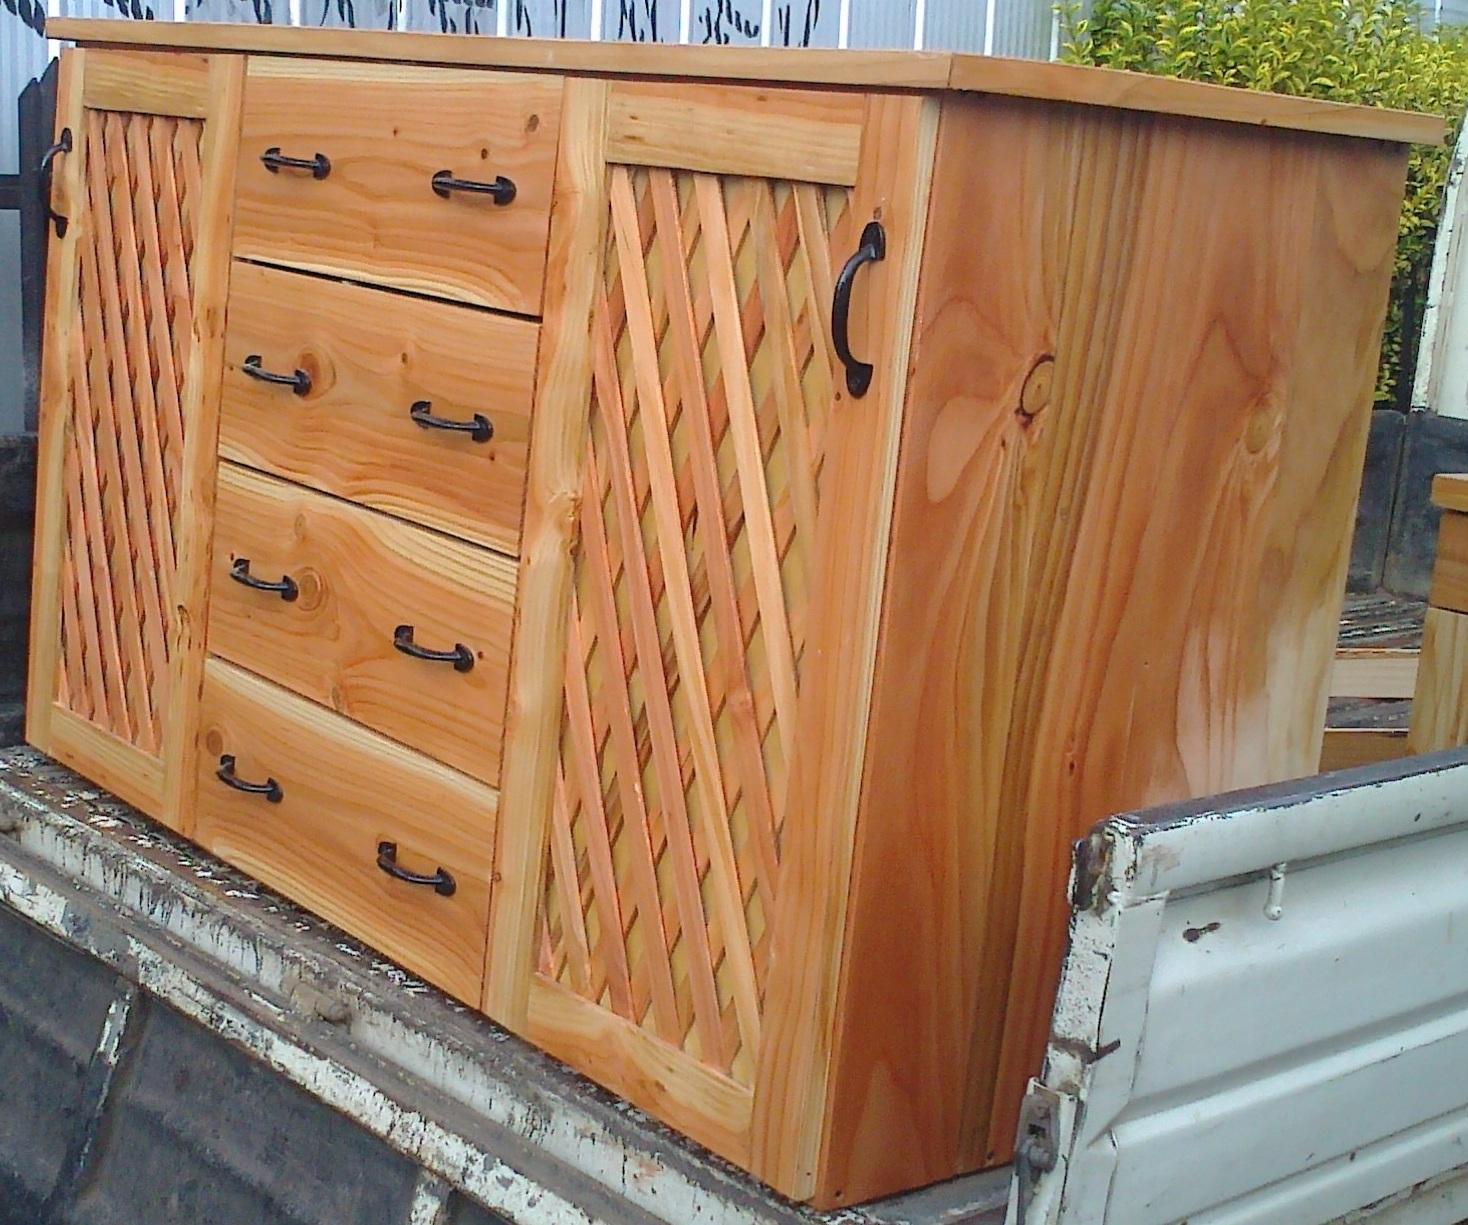 Cajonera con veladores fabricaci n de muebles puertas y - Friso de pino barnizado ...